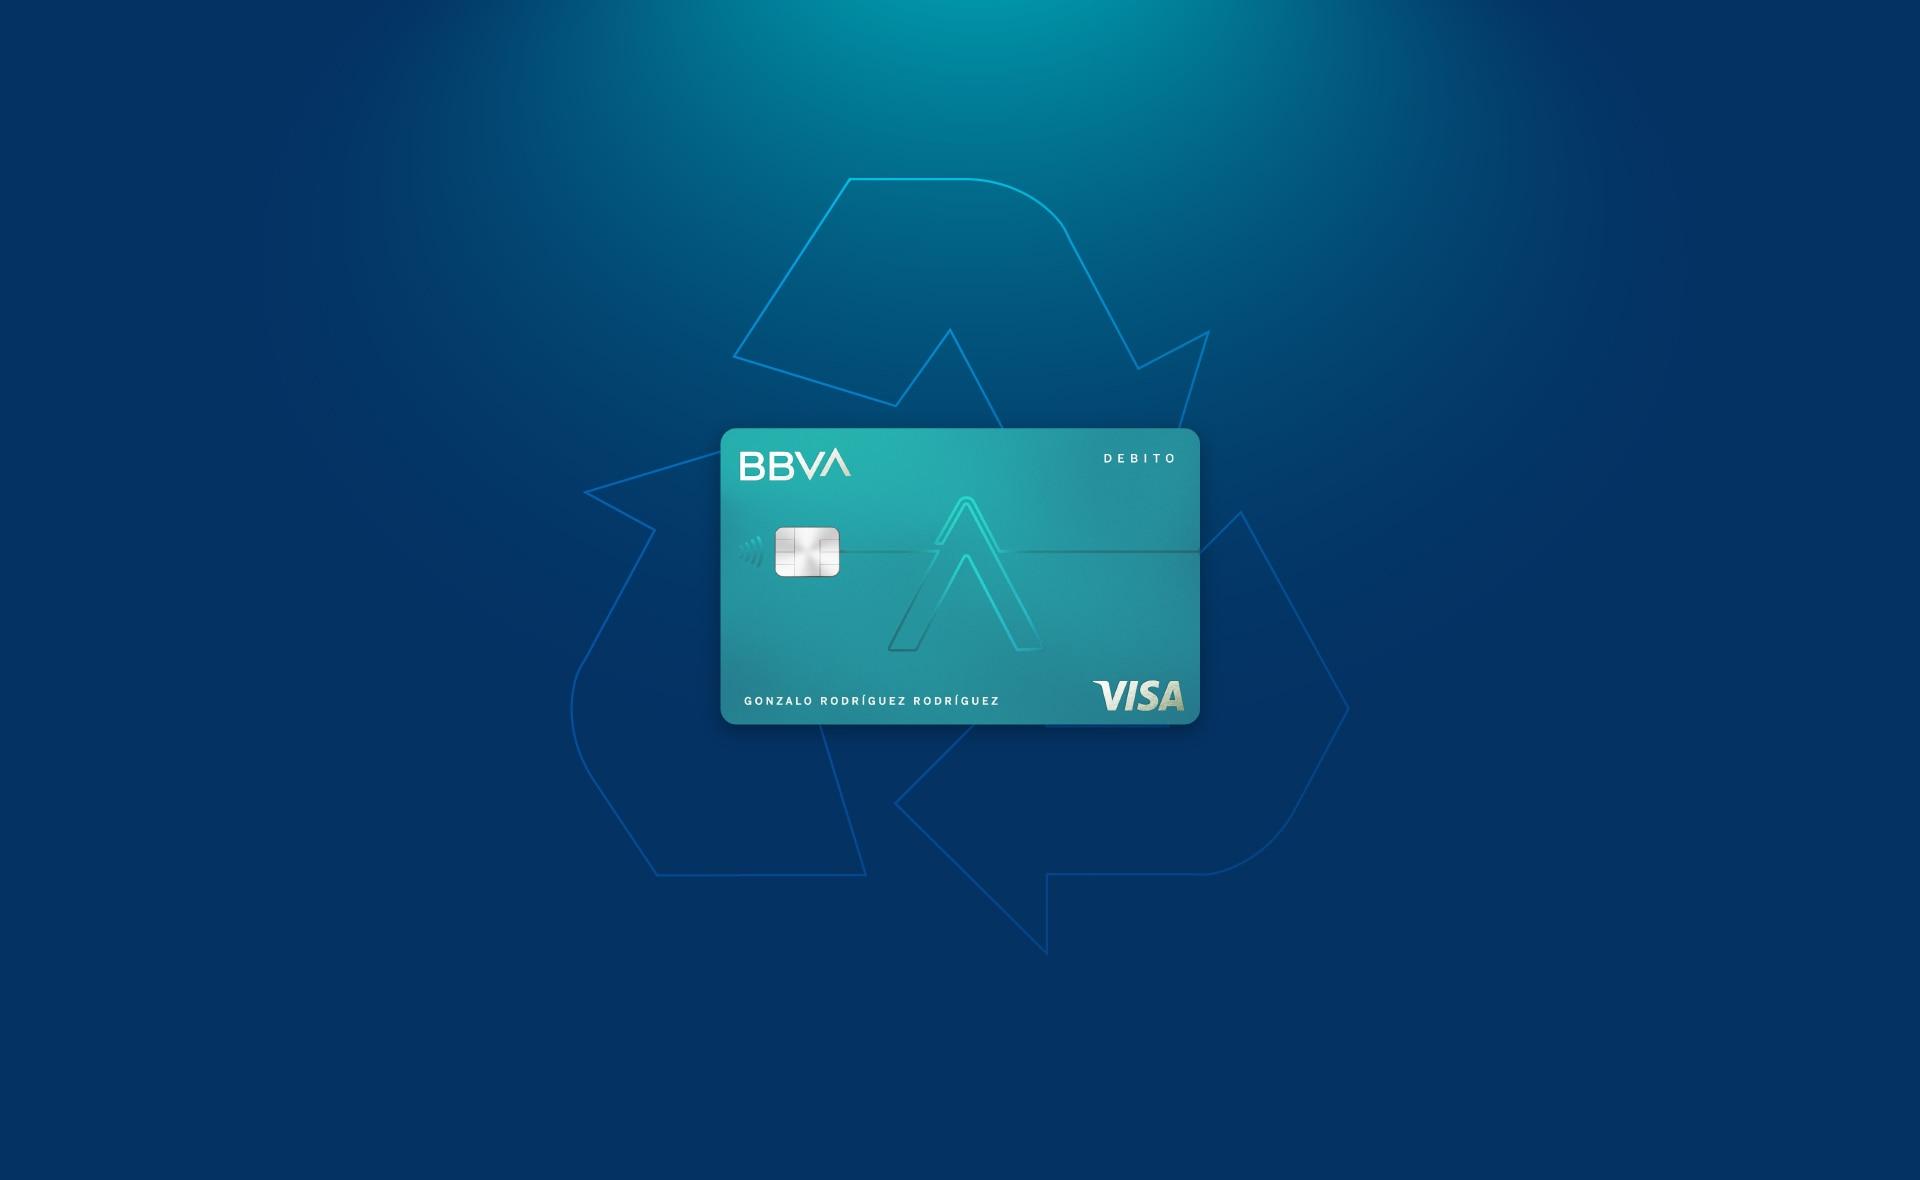 tarjetas_recicladas-sostenibilidad-credito-bbva-tarjeta-visa-reciclaje